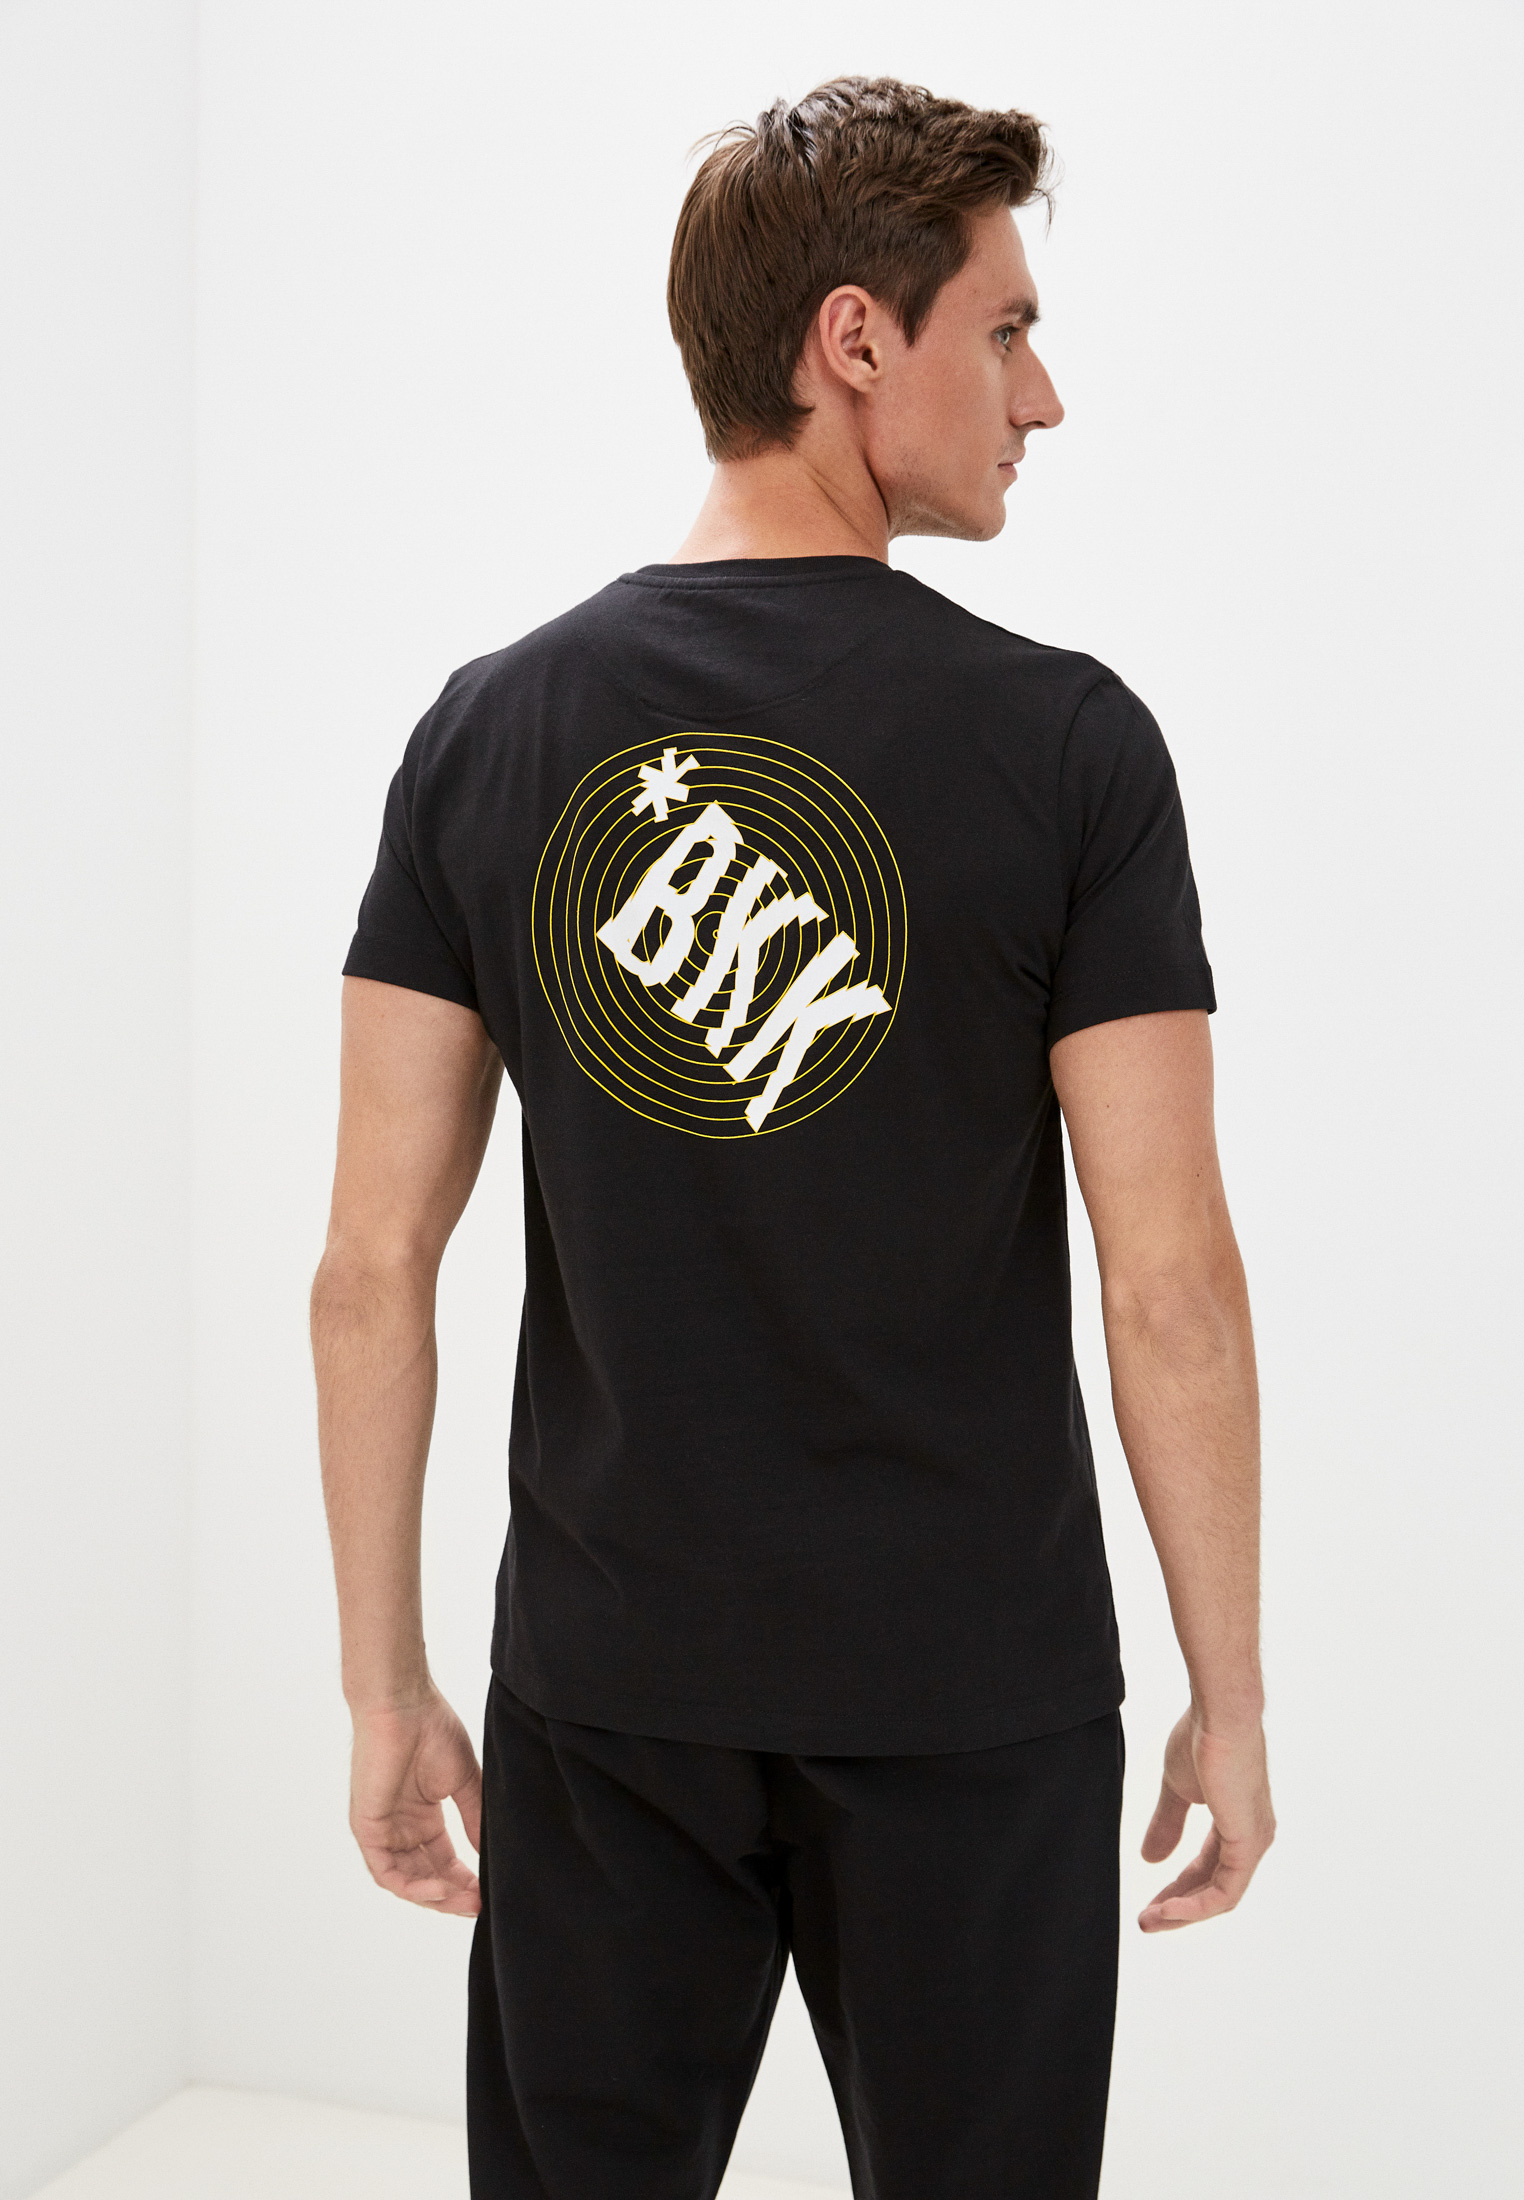 Мужская футболка Bikkembergs (Биккембергс) C 4 101 45 M 4298: изображение 4